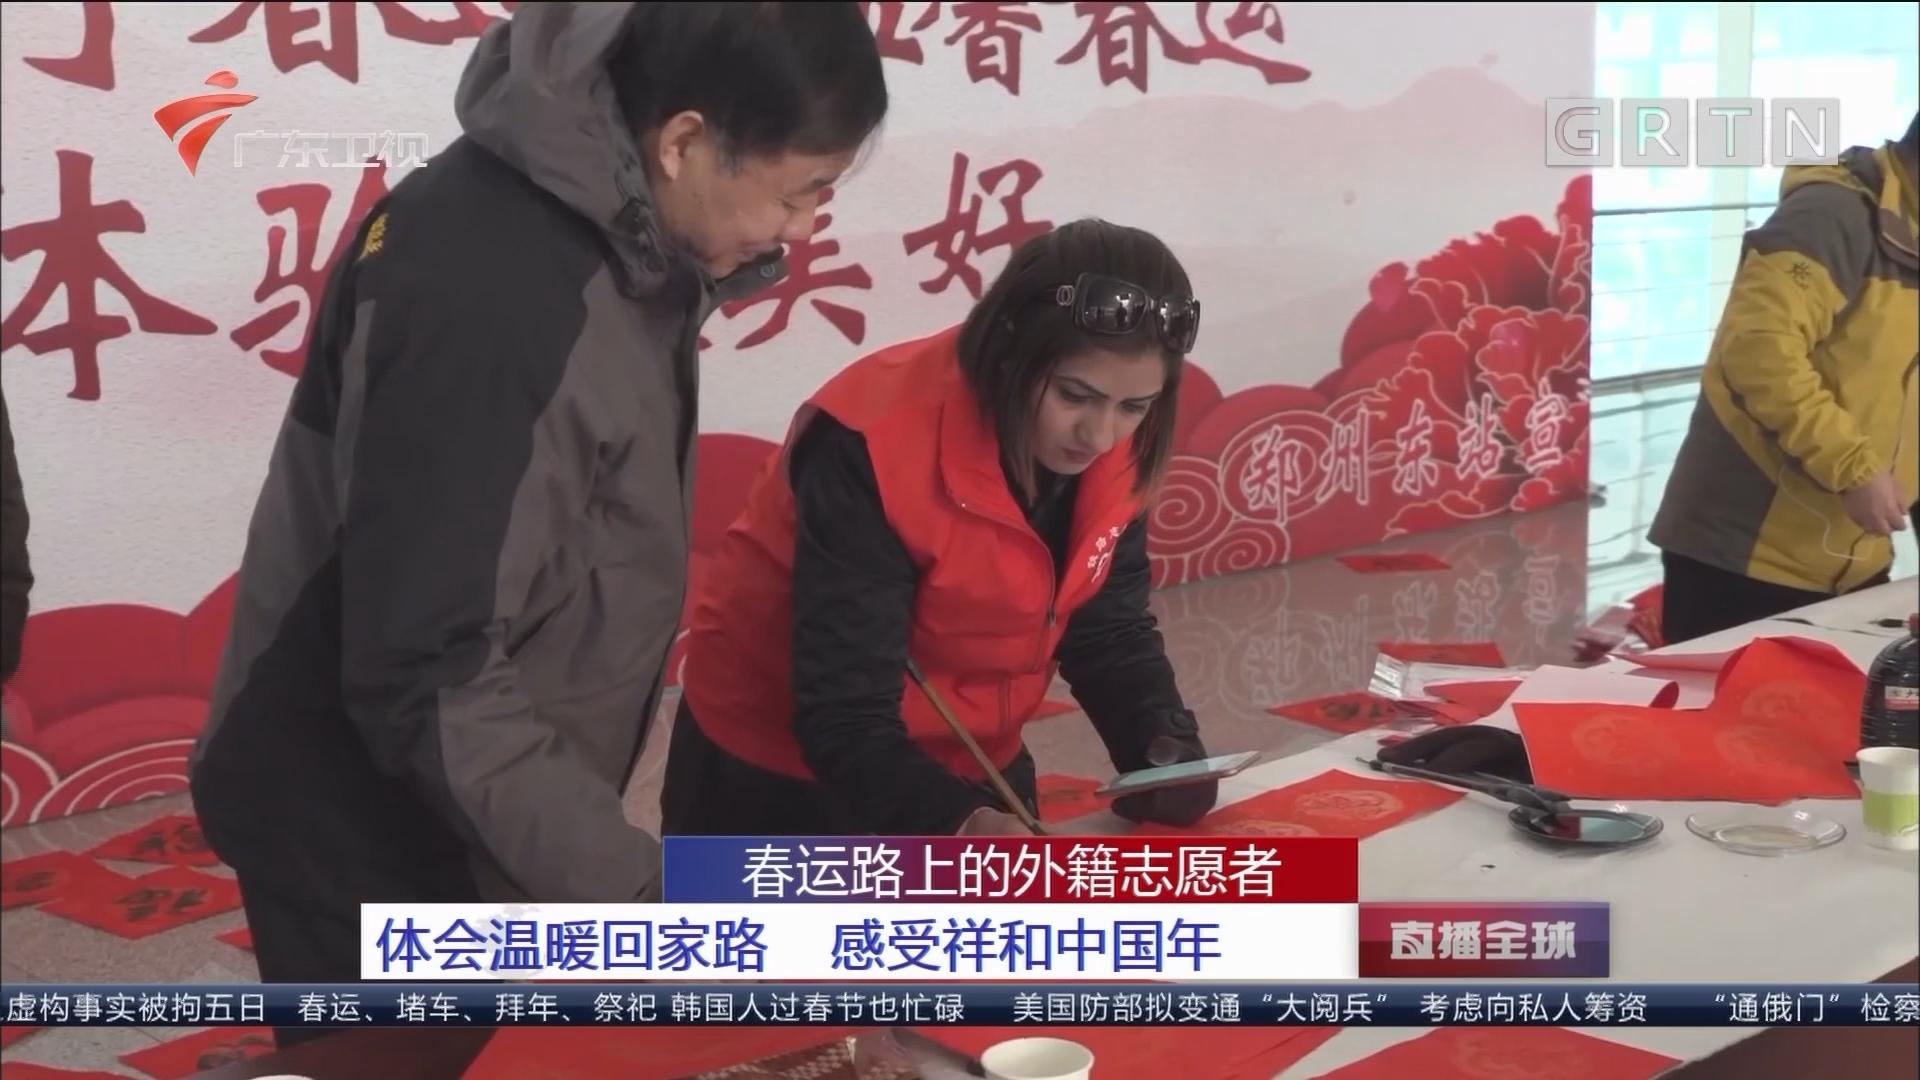 春运路上的外籍志愿者:体会温暖回家路 感受祥和中国年